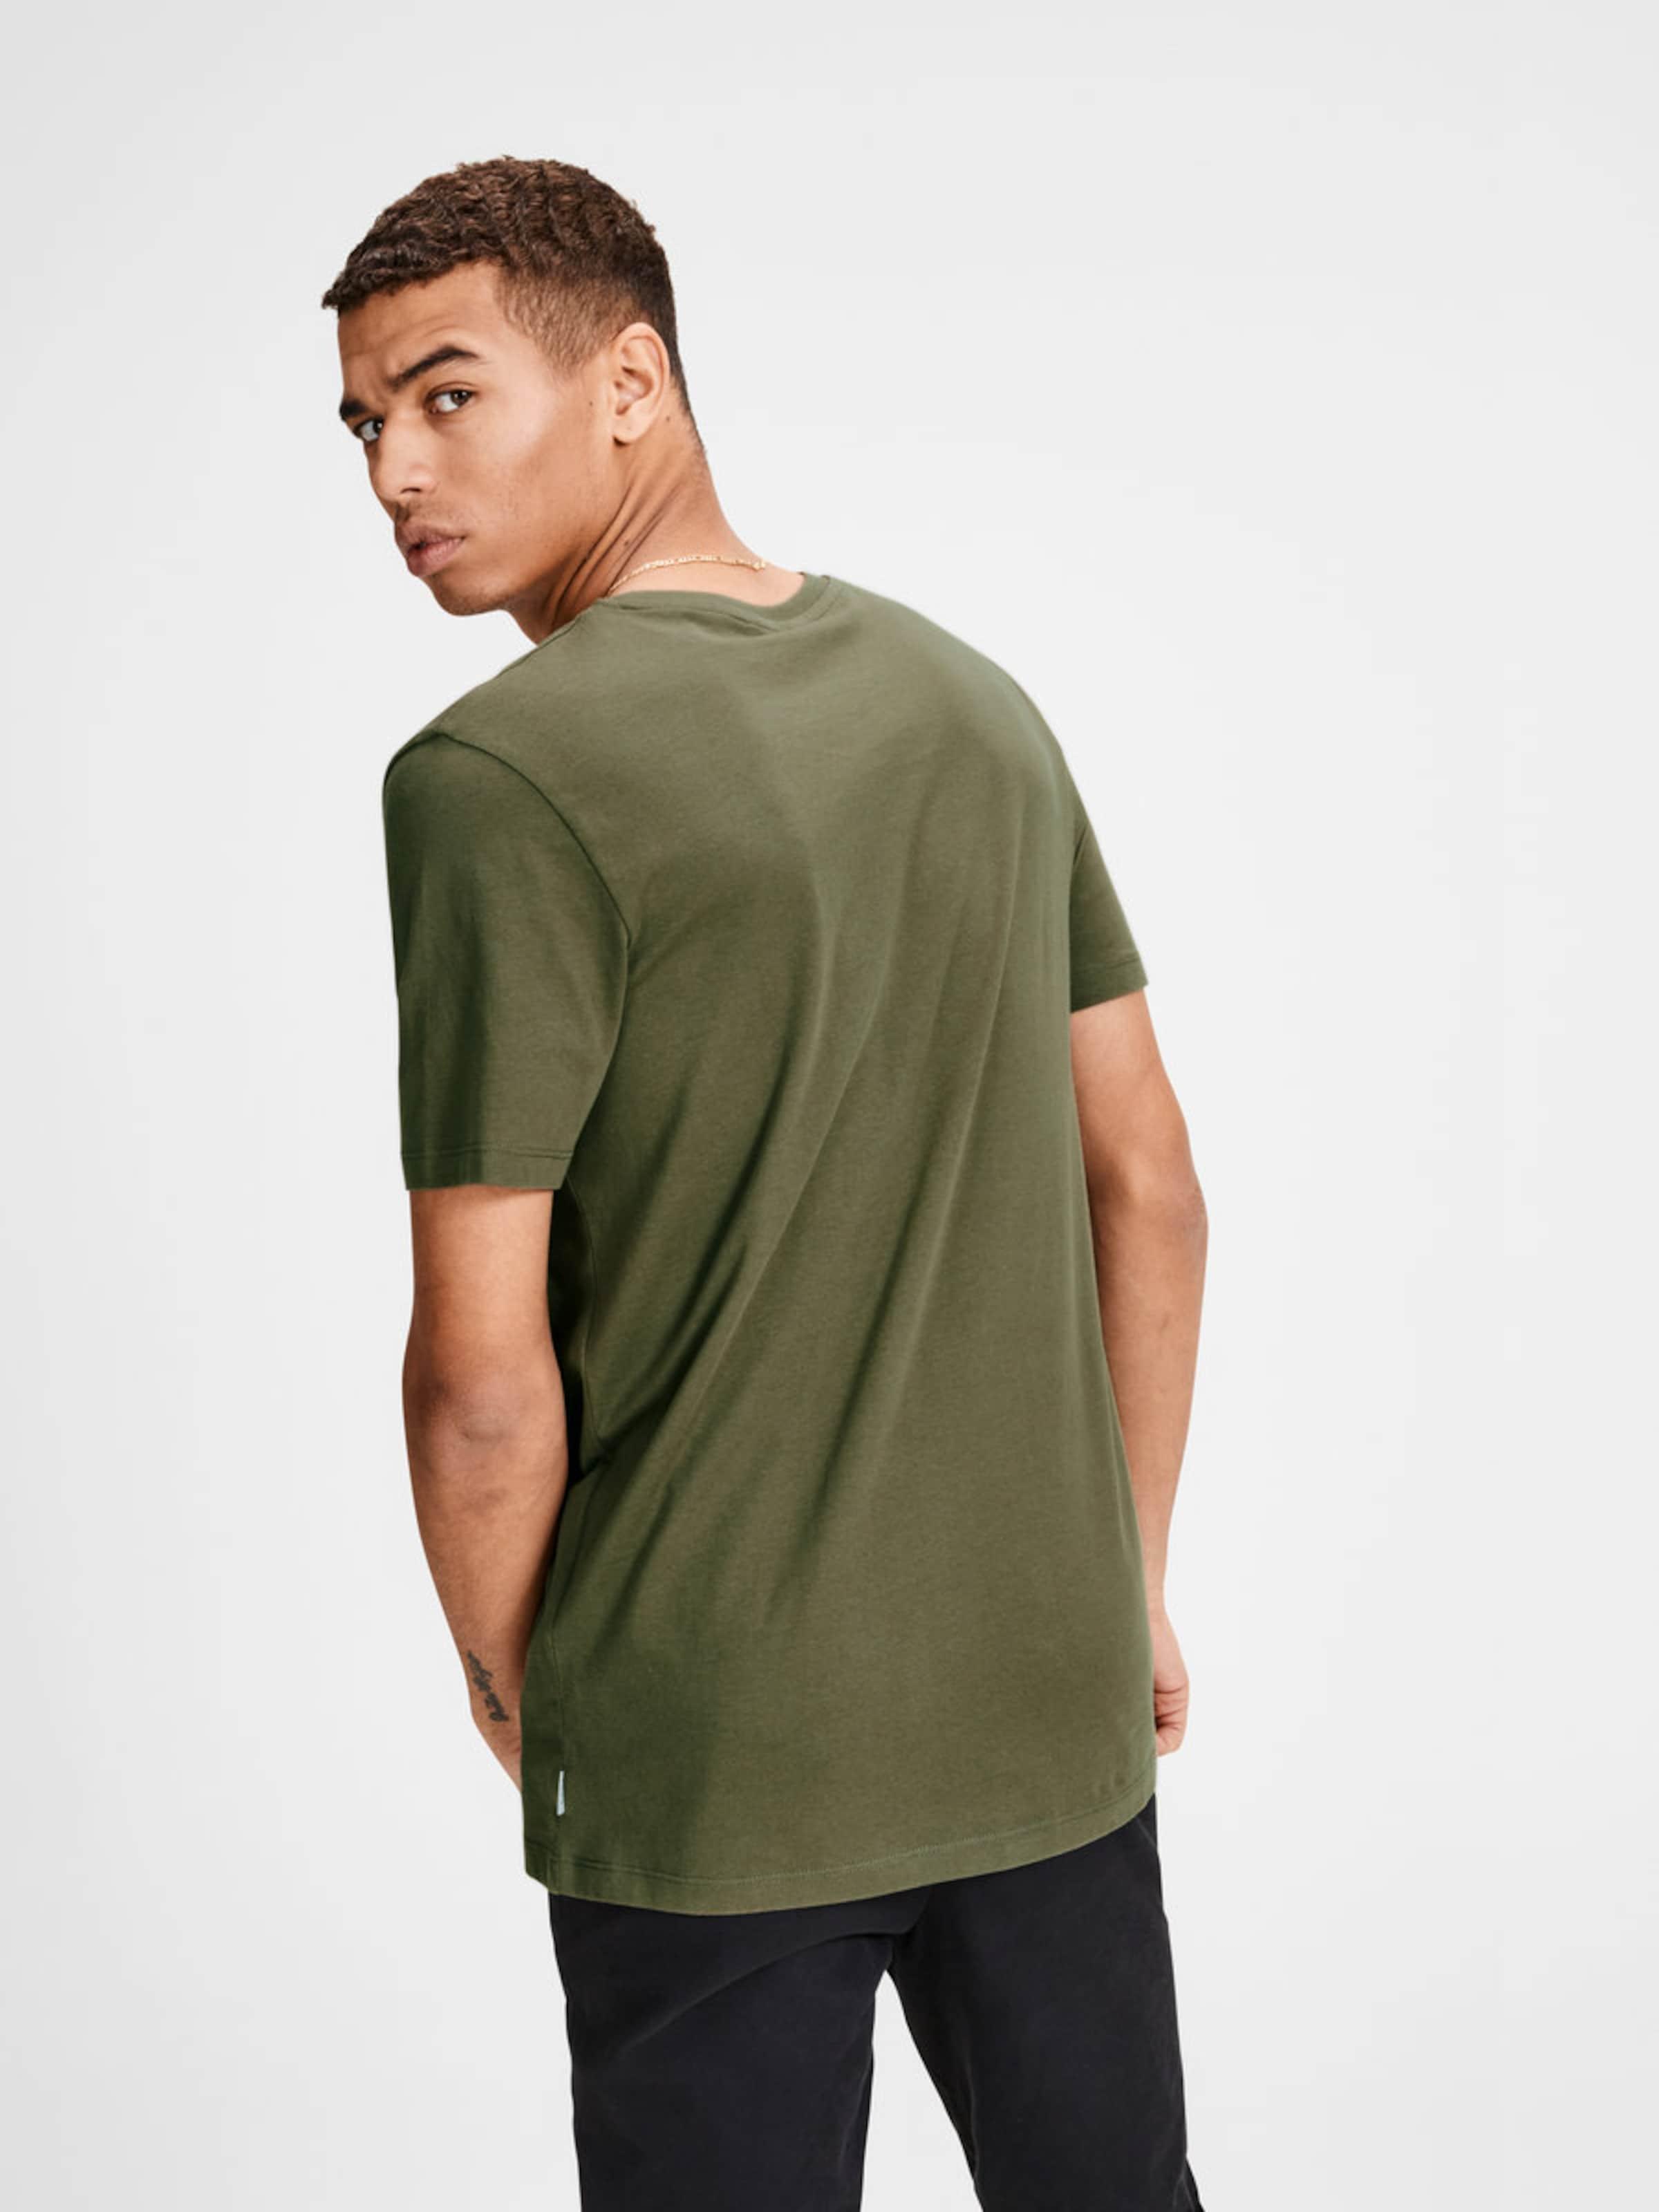 JACK & JONES T-Shirt Grafik Verkauf Sast Footlocker Zum Verkauf Günstig Kaufen Modisch Frei Versandkosten Wahl Günstig Online 94QGd